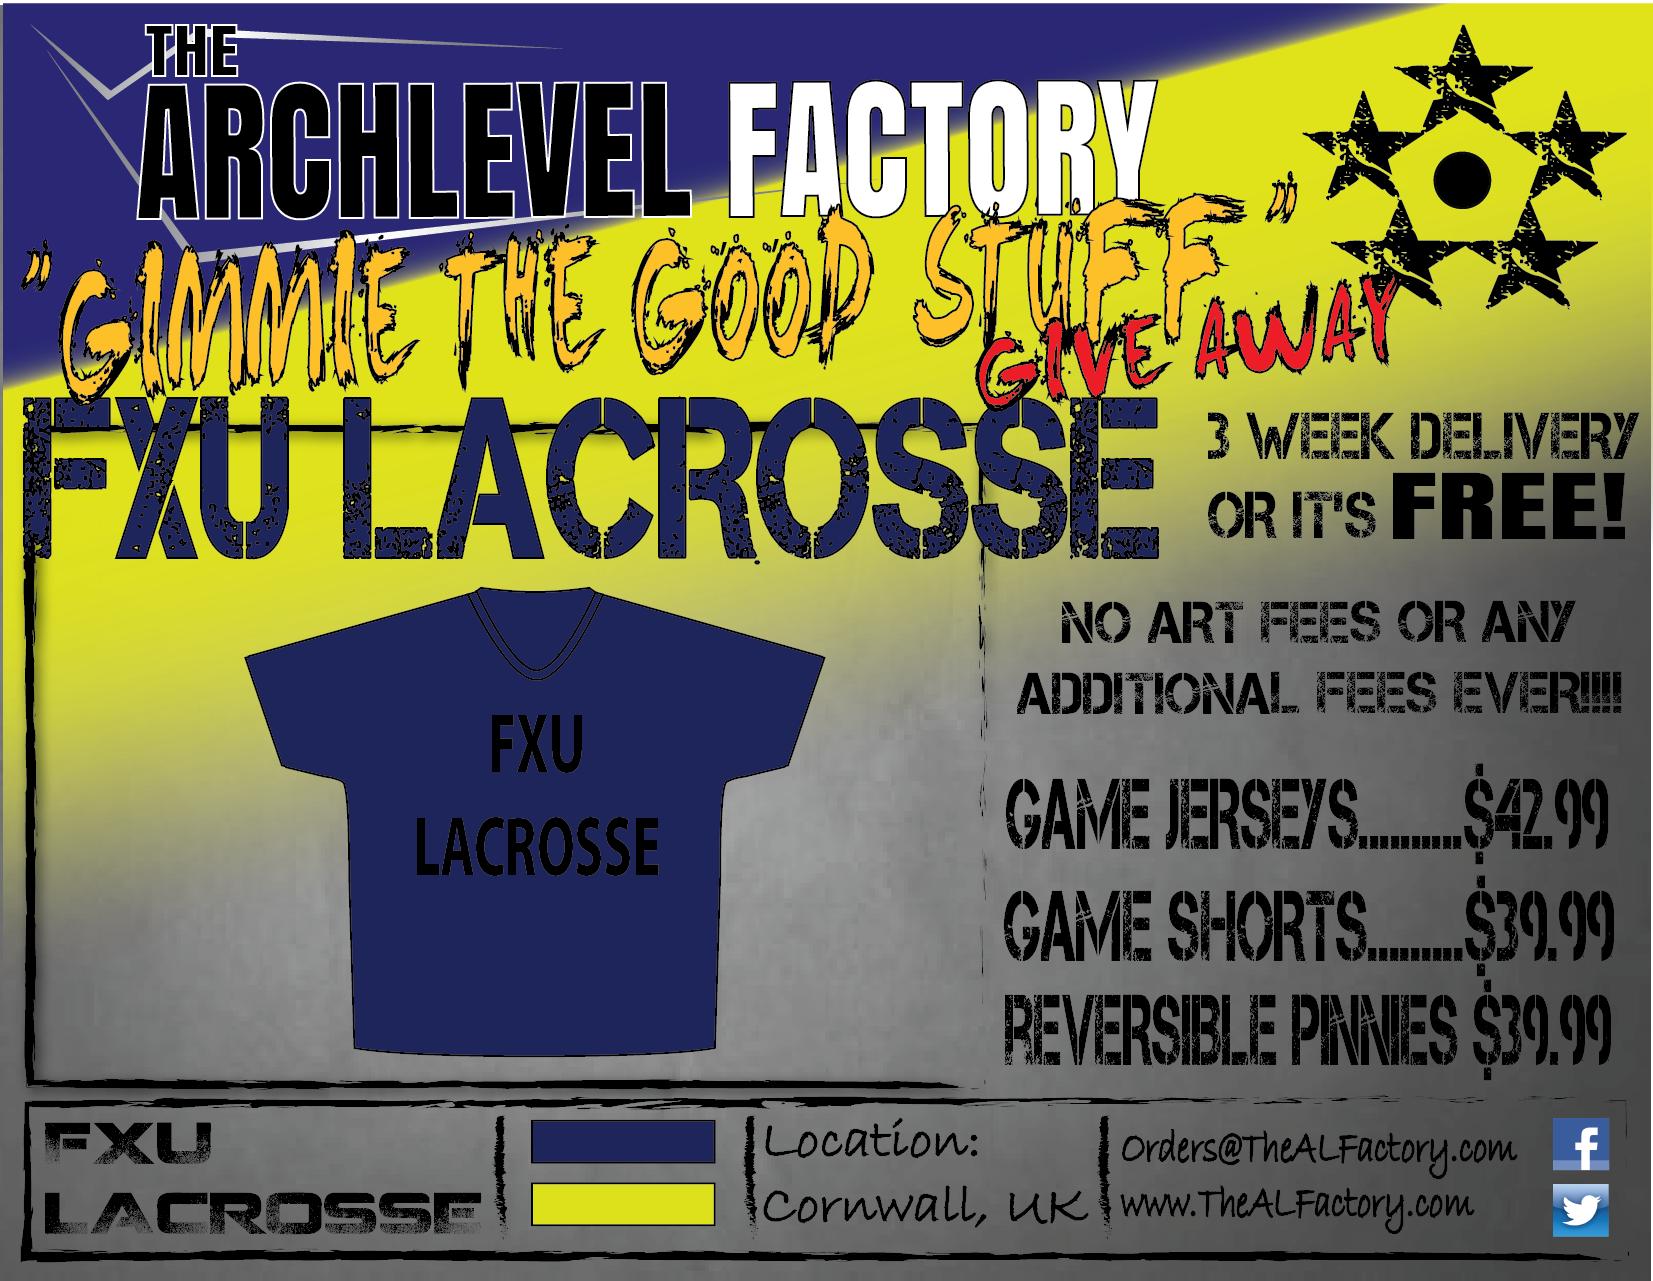 FXU Lacrosse